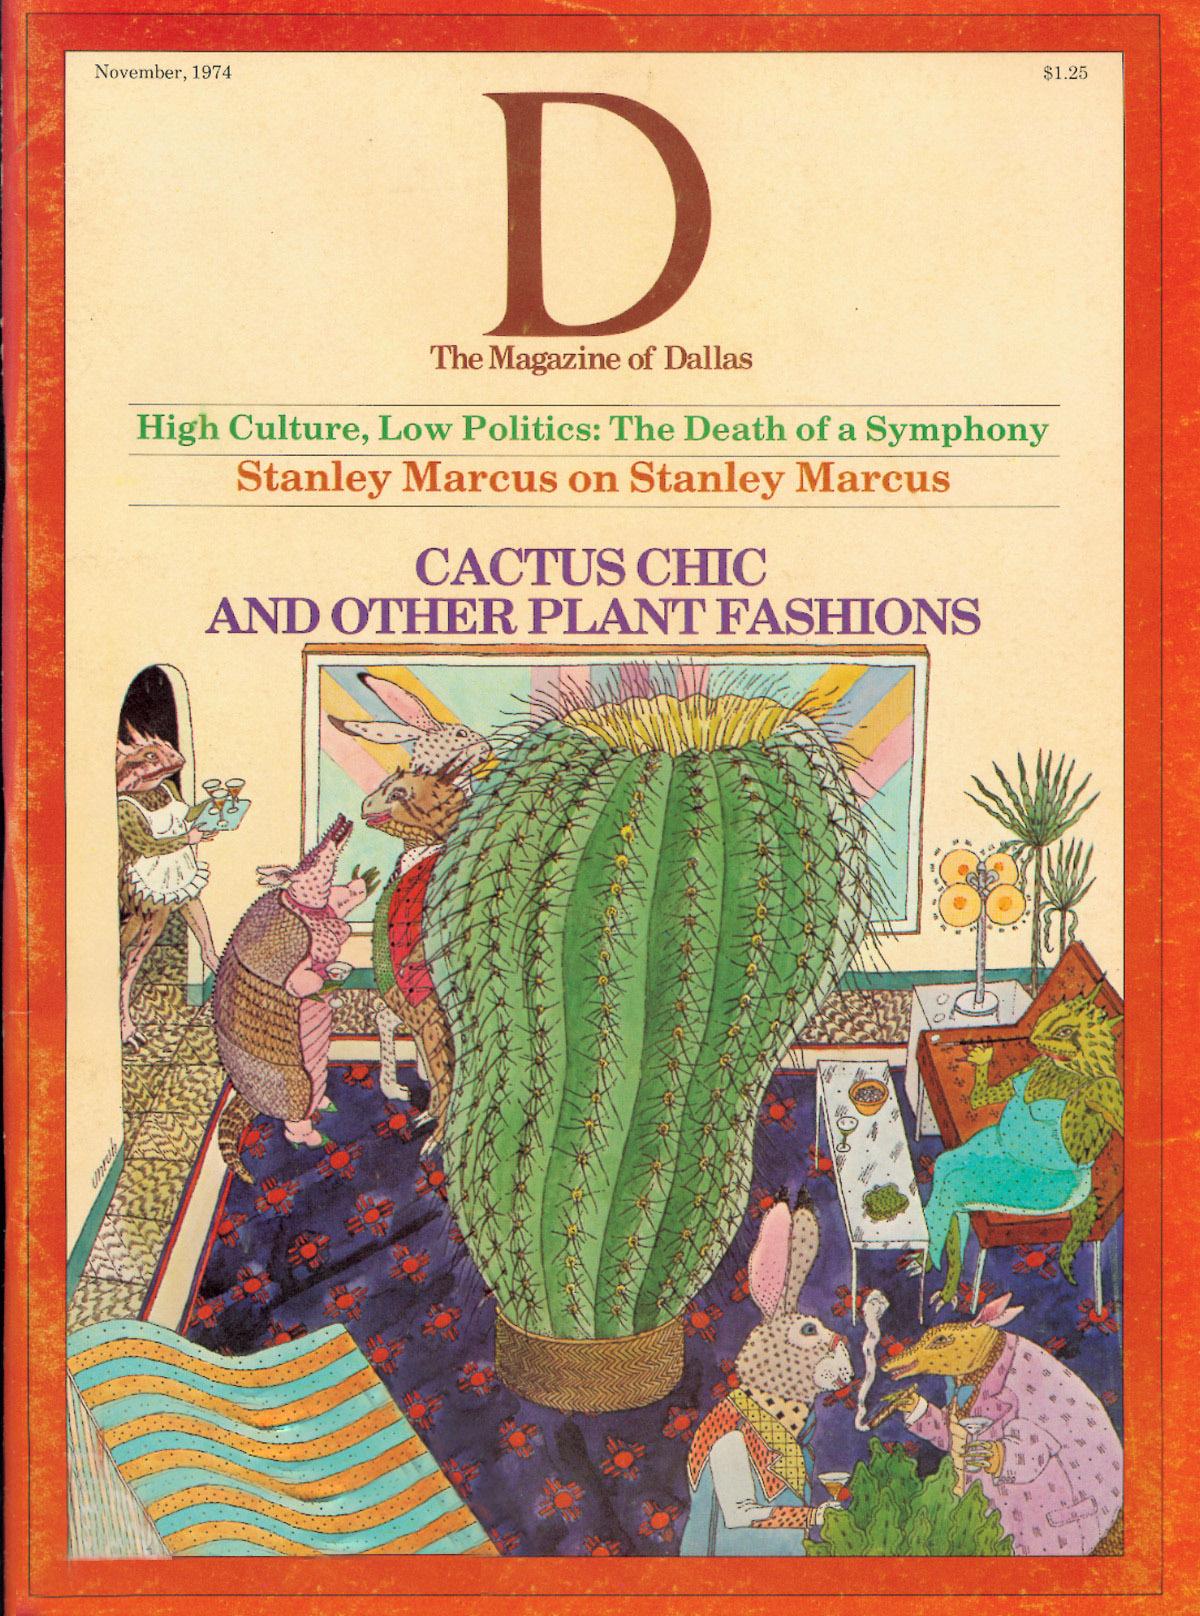 November 1974 cover